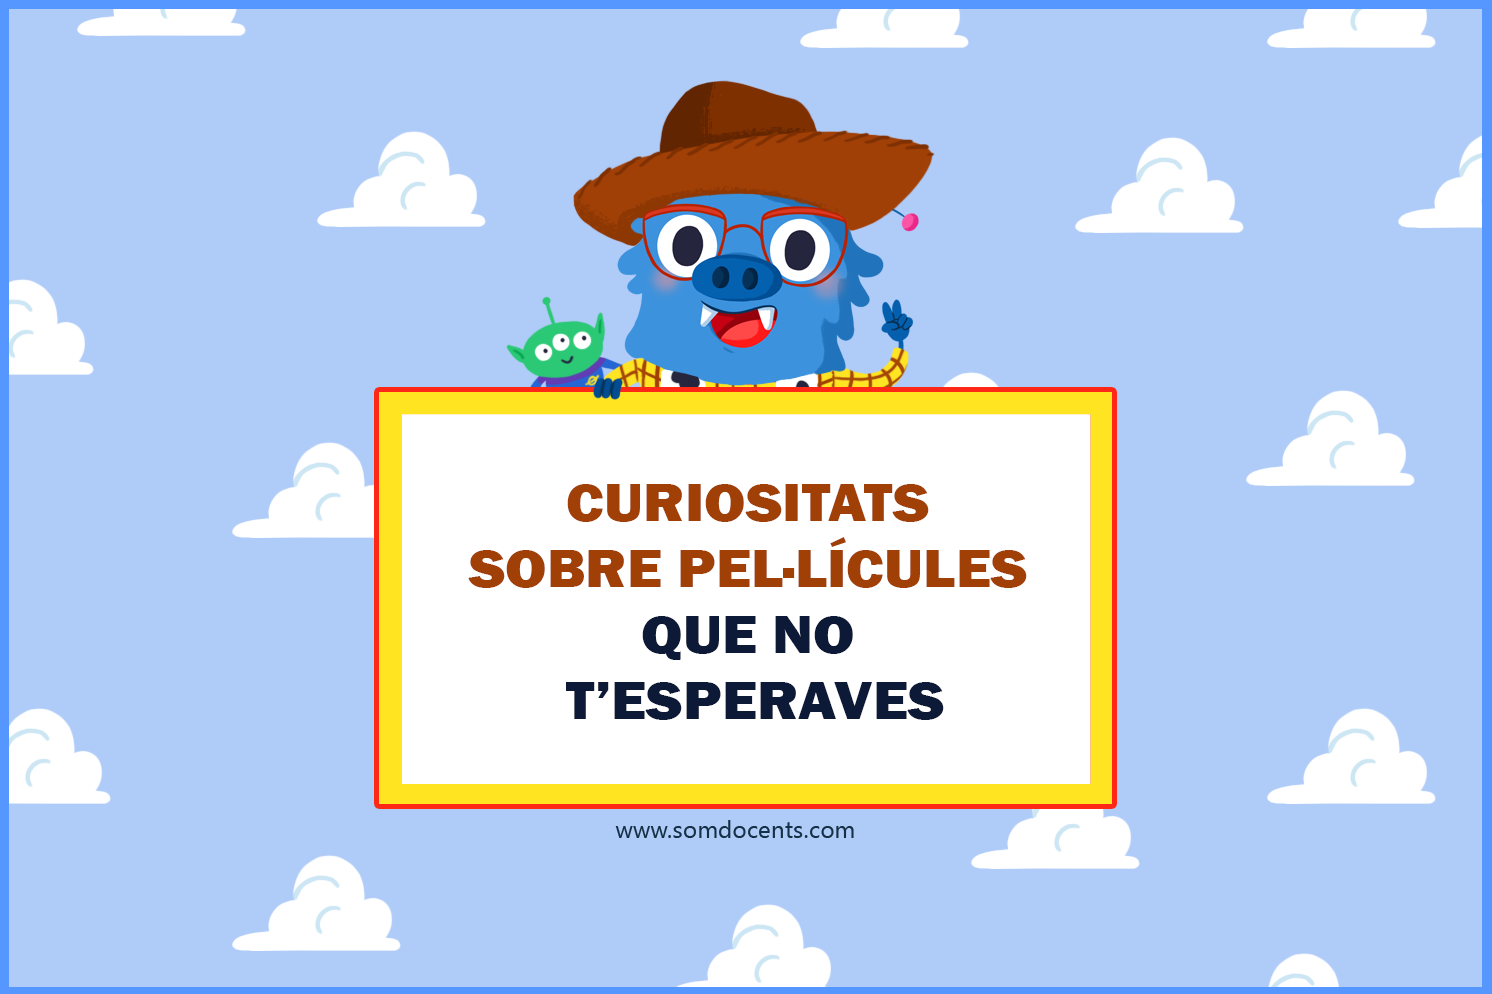 SD_curiositats_sobre_pelicules.png